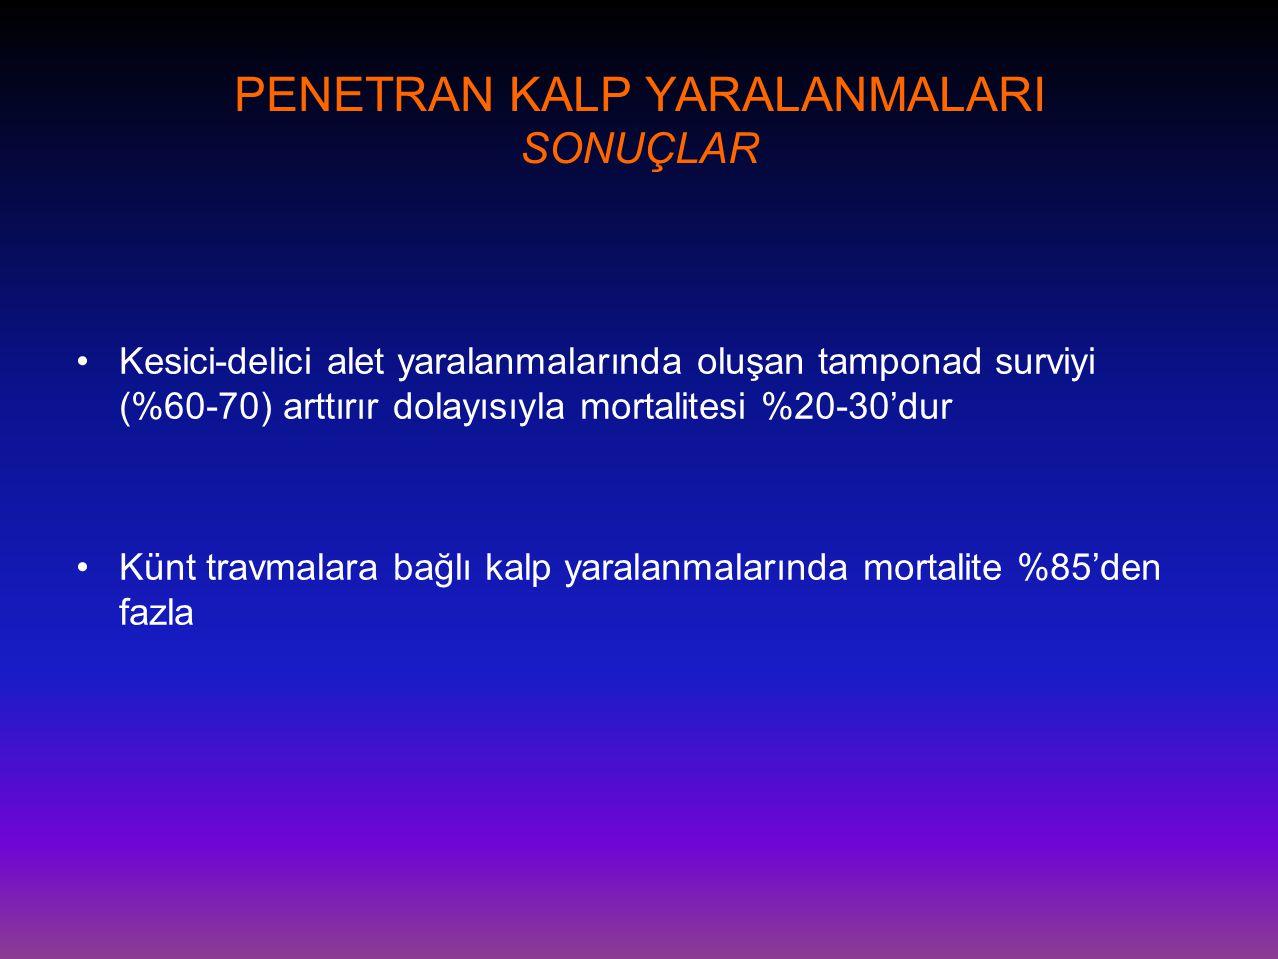 PENETRAN KALP YARALANMALARI SONUÇLAR •Kesici-delici alet yaralanmalarında oluşan tamponad surviyi (%60-70) arttırır dolayısıyla mortalitesi %20-30'dur